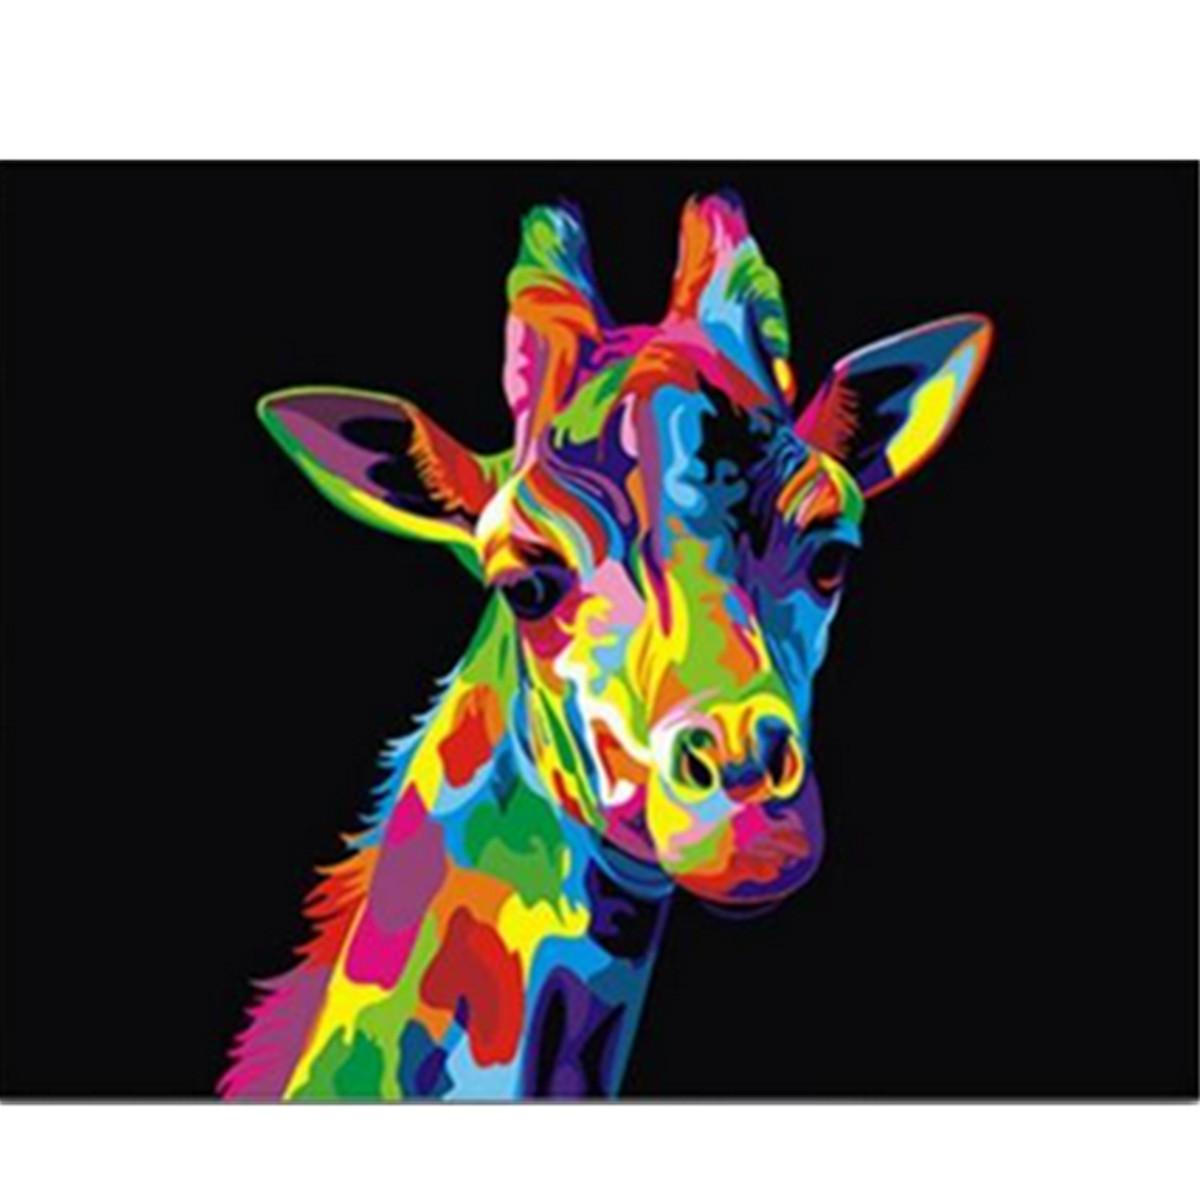 Tempsa tableau peinture girafe animal et cardre sur toile - Dessin de girafe en couleur ...